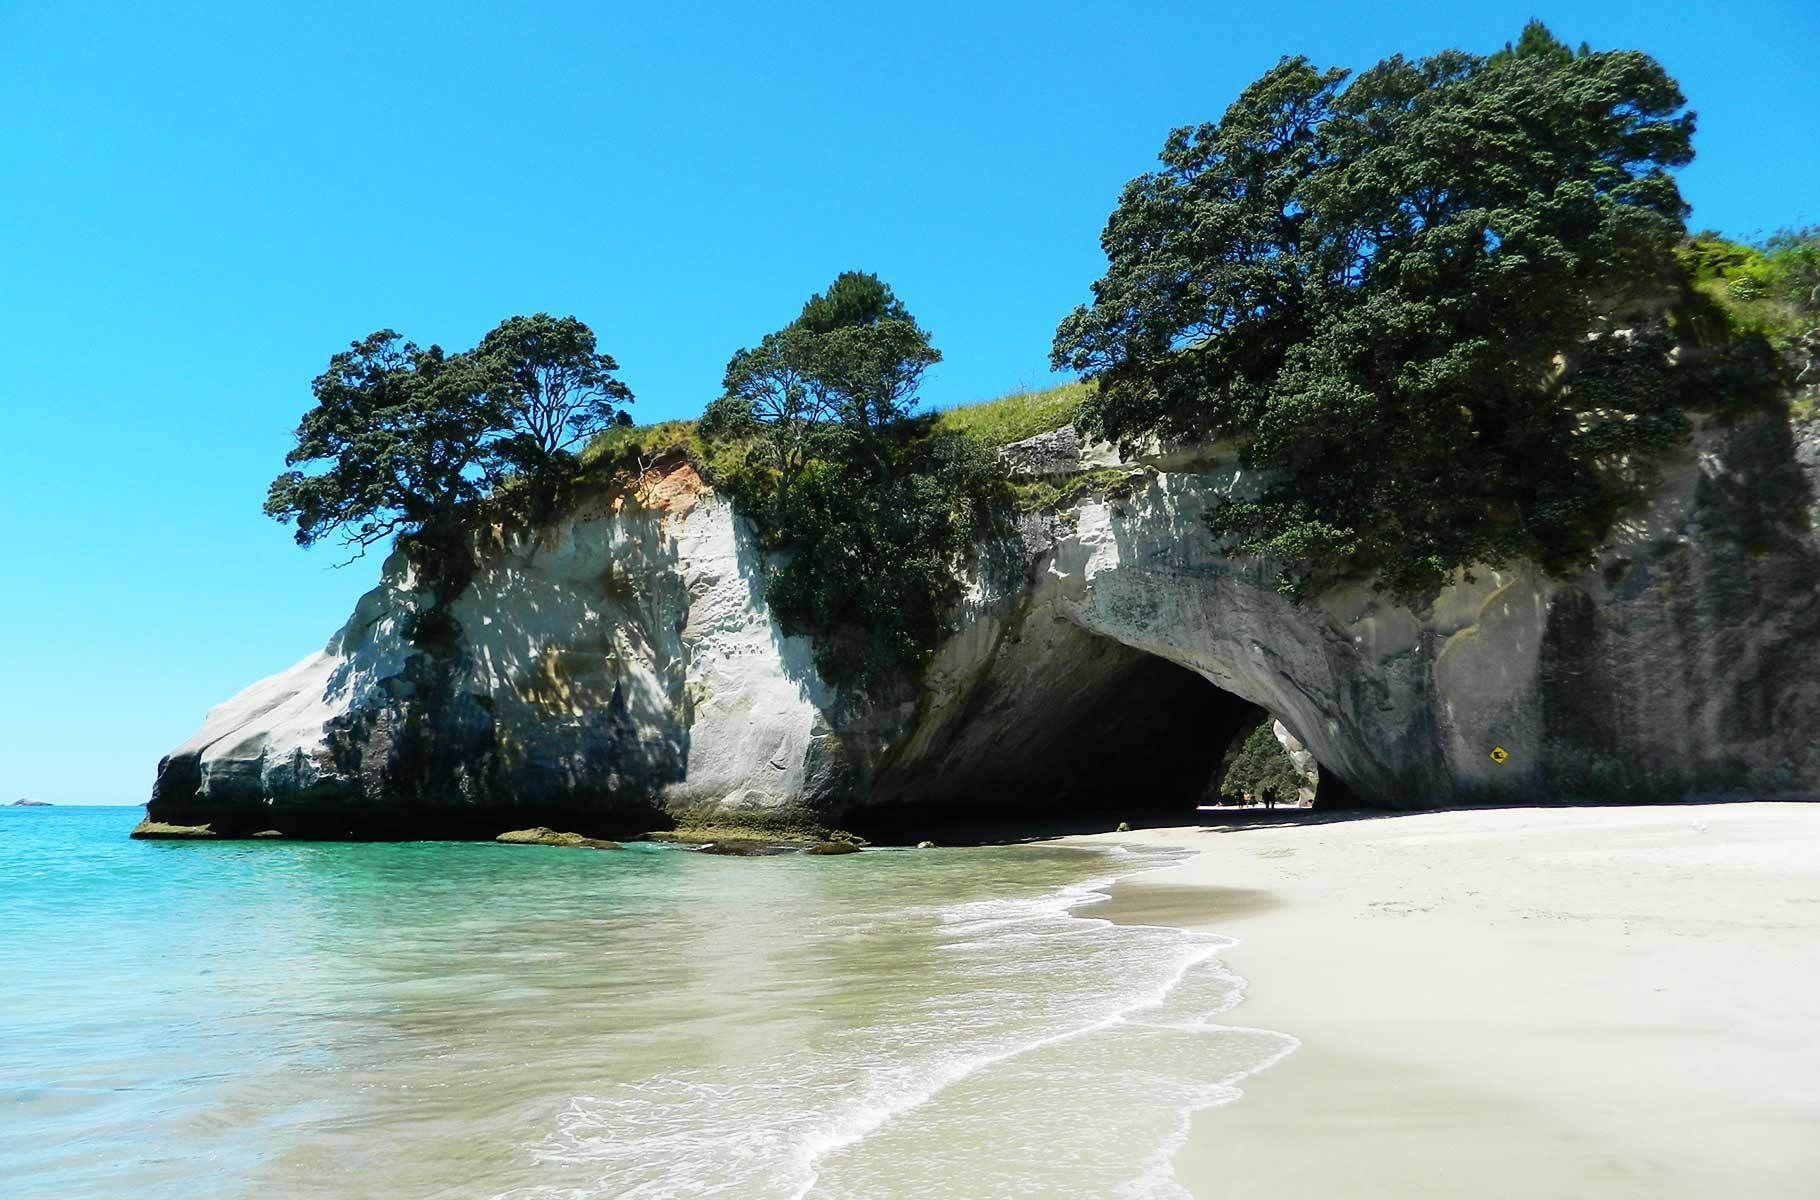 Veja 100 fotos da Nova Zelândia, um pequeno país onde a natureza se agiganta